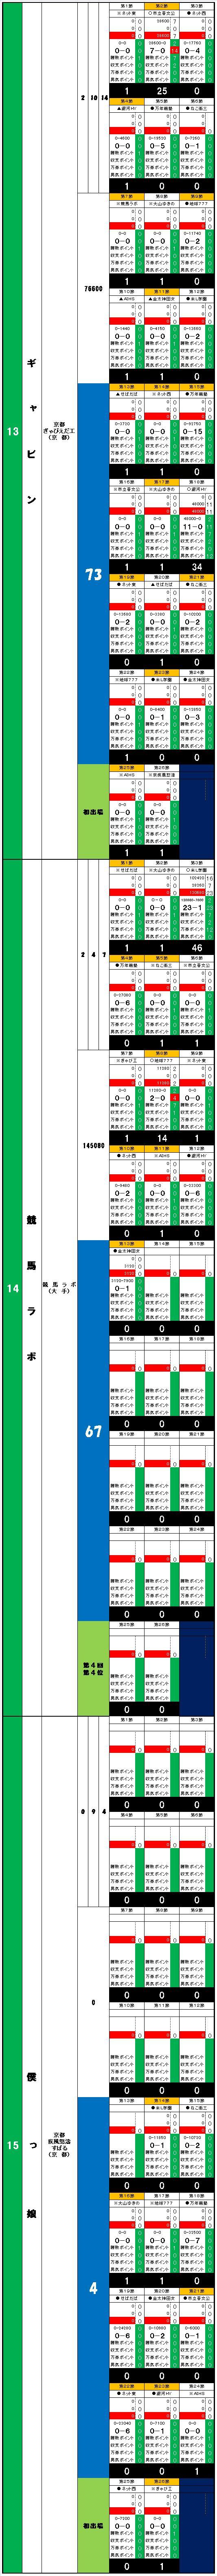 20160619・ダルマンリーグ第26節後半終了個人成績データ⑤.jpg